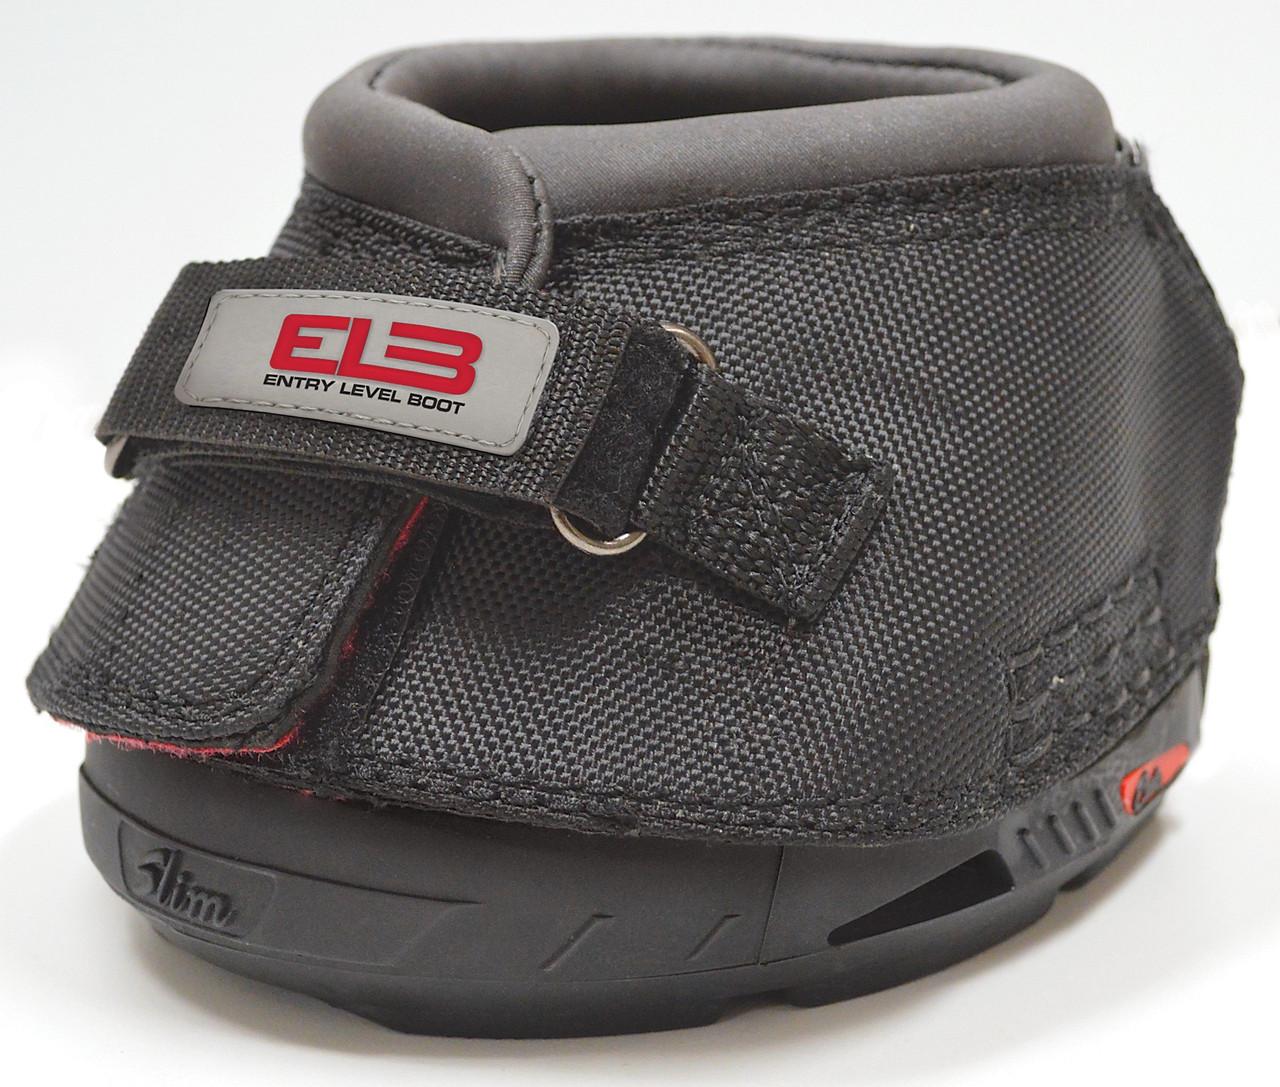 Обувь для копыт ELB HOOF BOOT  - Интернет-магазин  конной амуниции и экипировки всадника LUX-EQUINE в Киеве